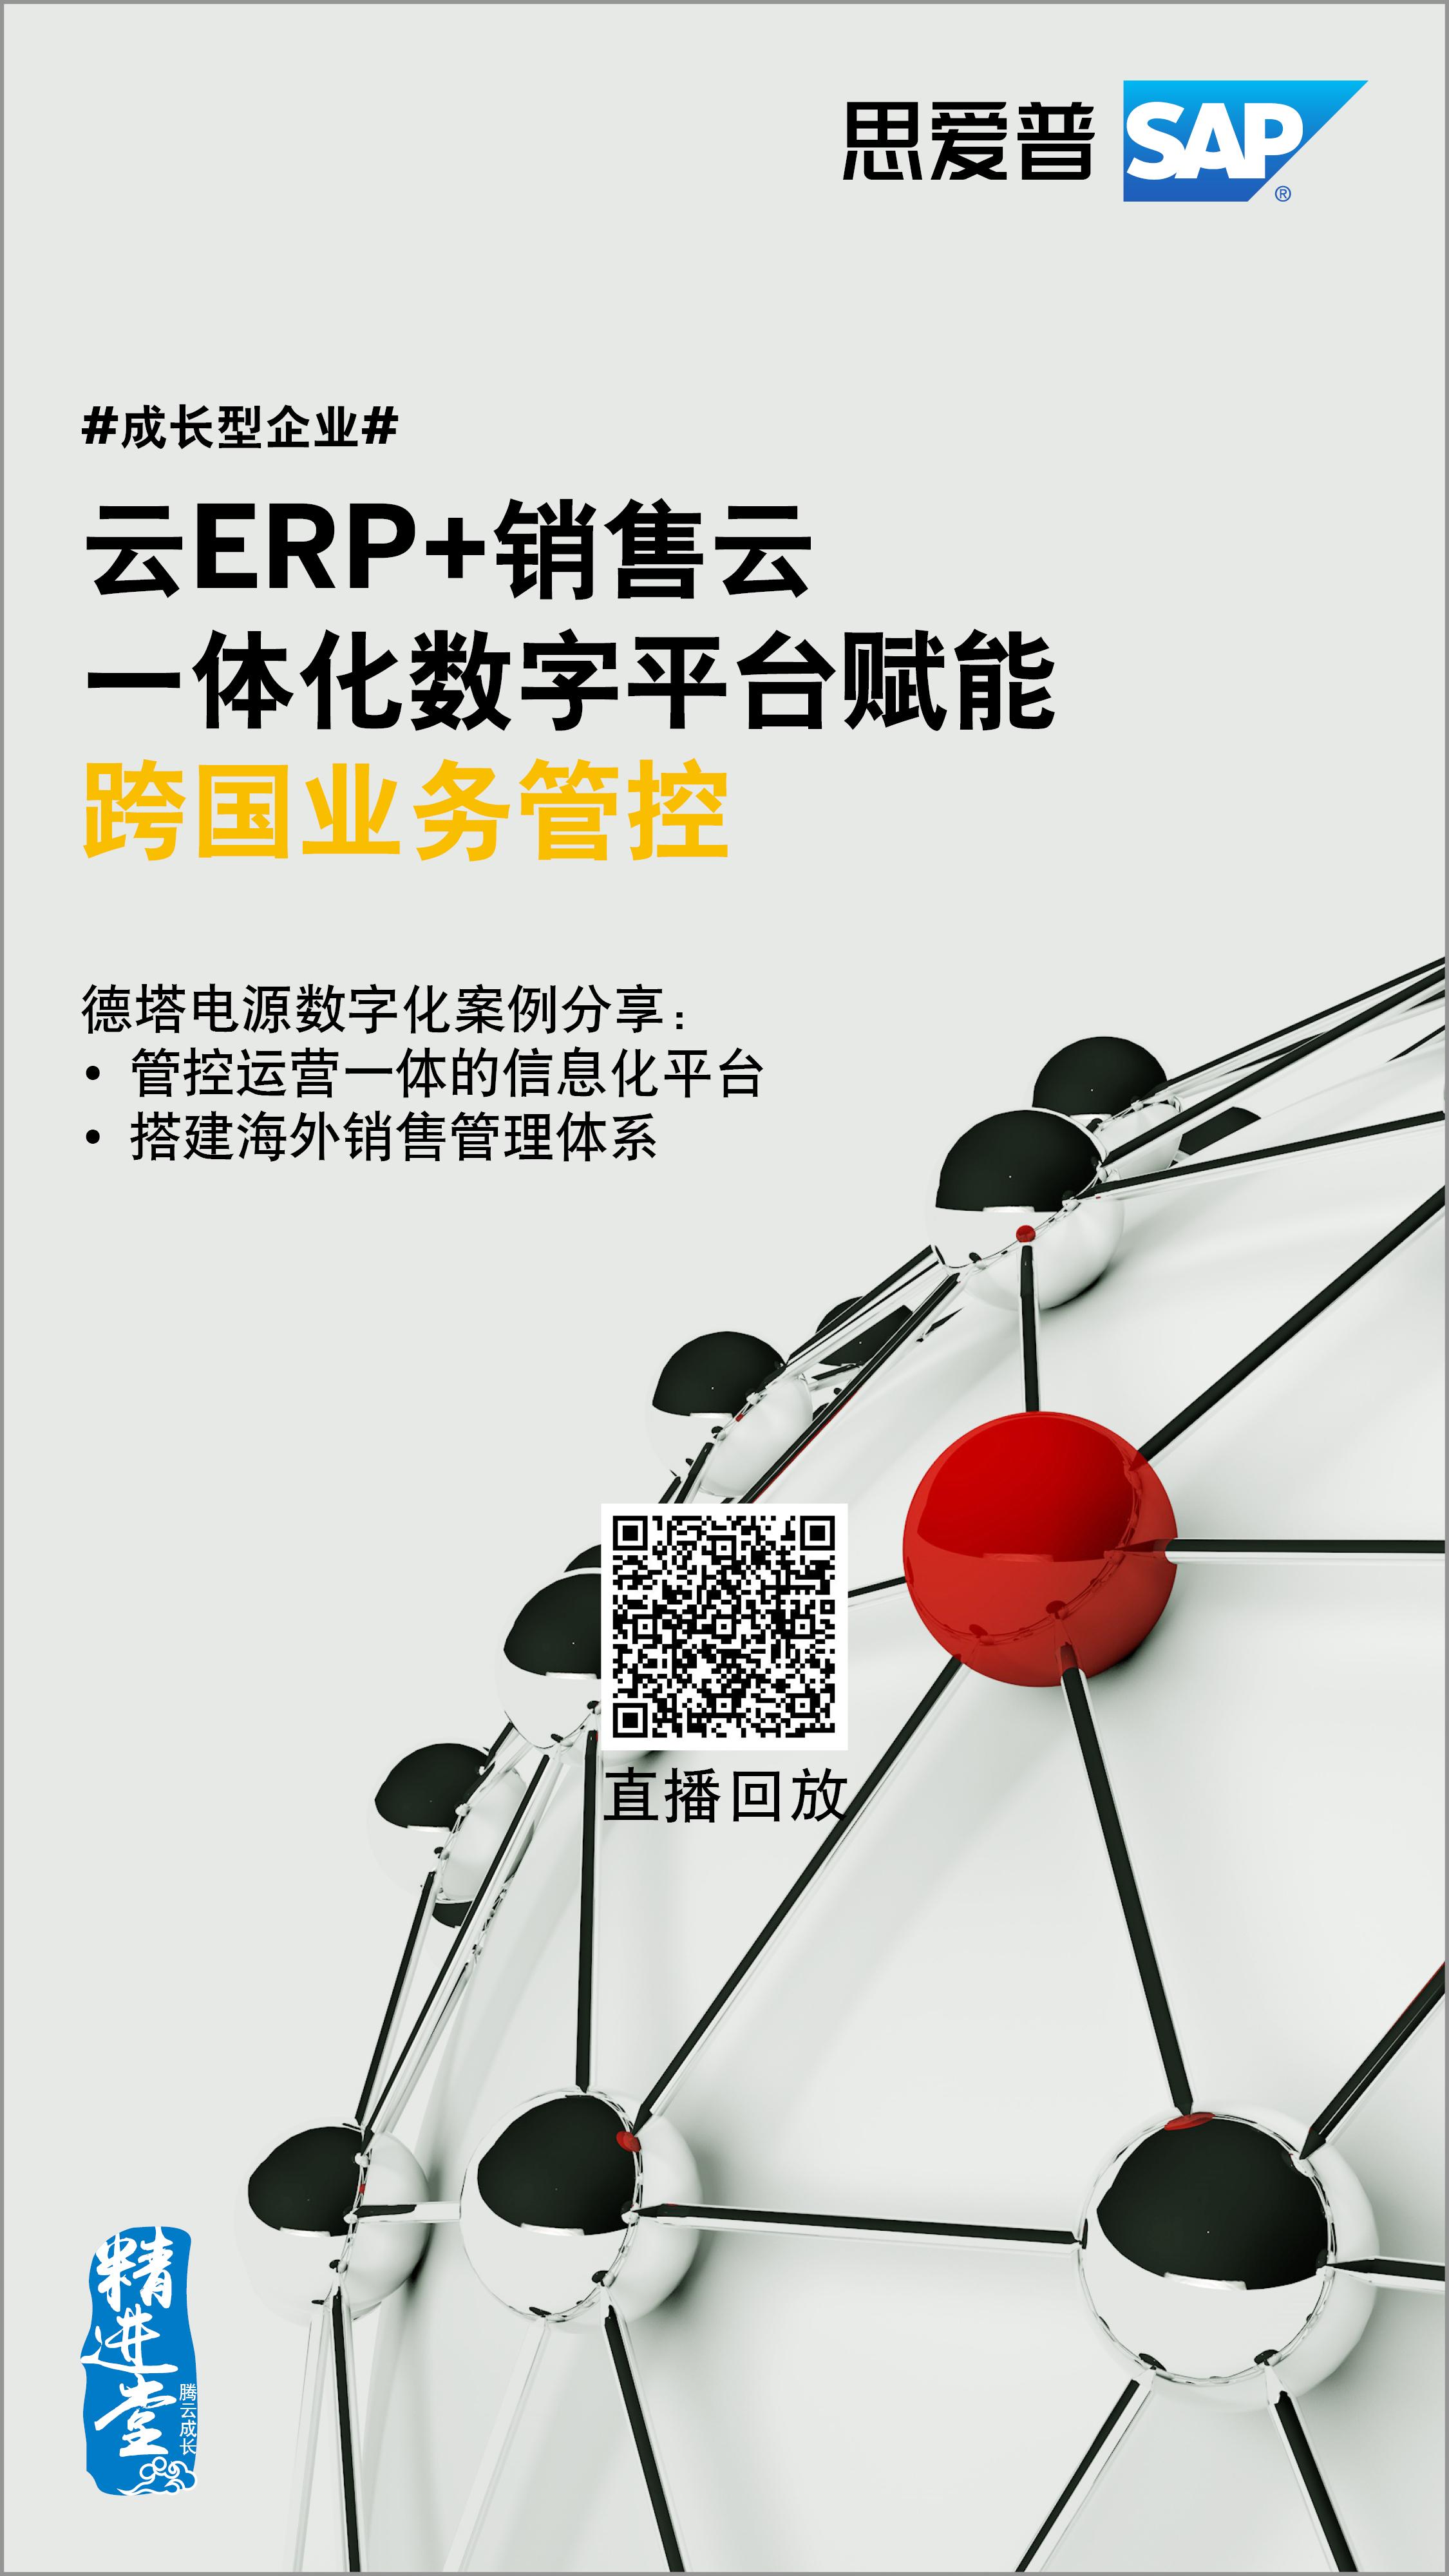 0915云ERP+销售云 一体化数字平台赋能跨国业务管控 直播回放.jpg